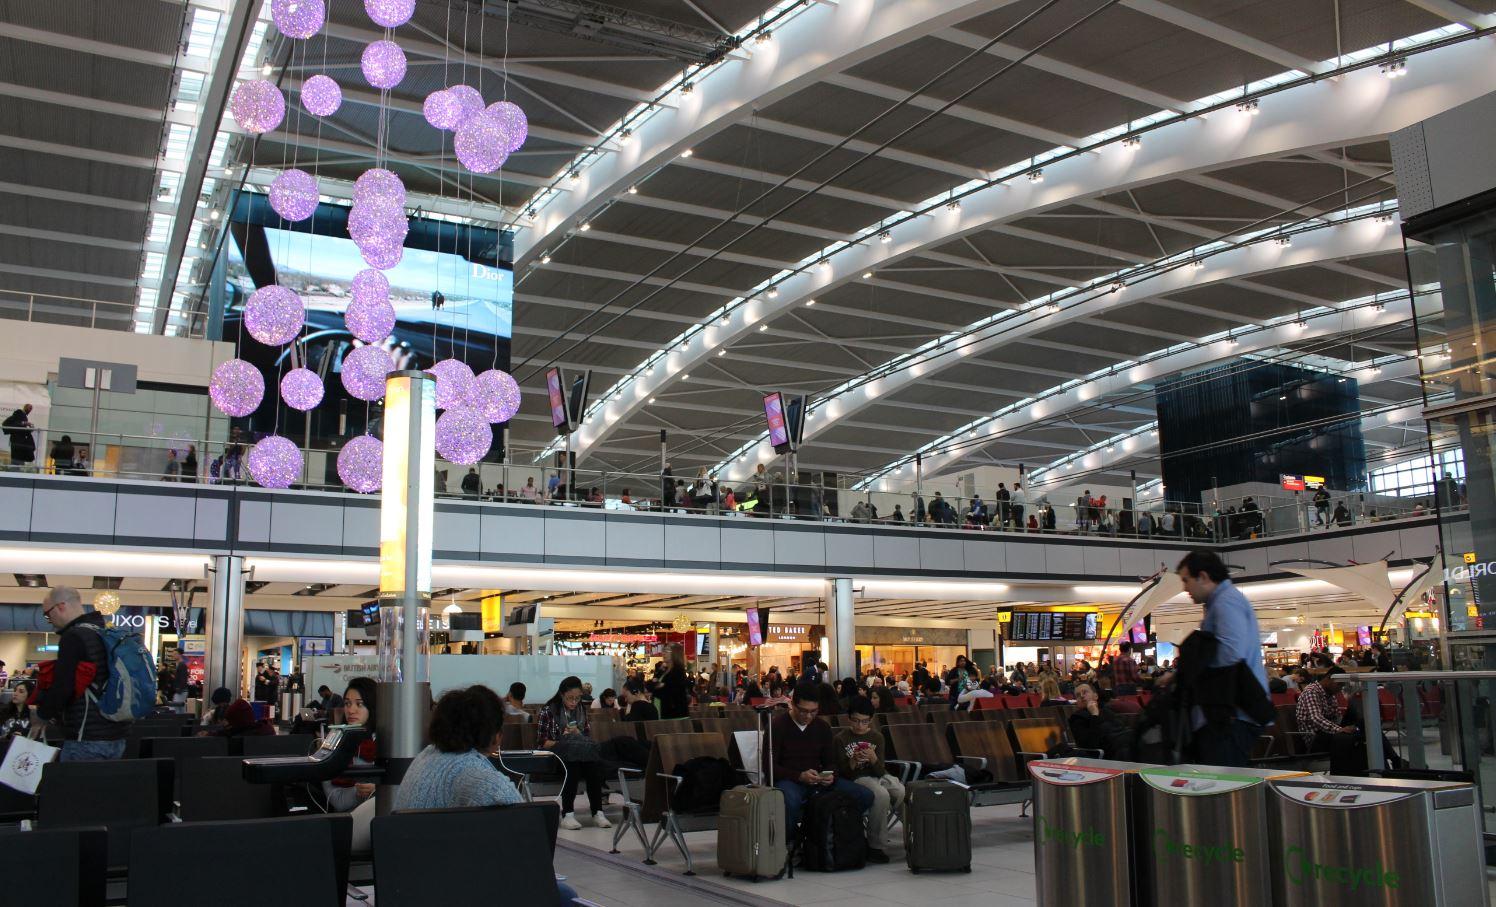 Aeroporto Heathrow Londra : Viaggiare con i bambini l aeroporto di londra heathrow